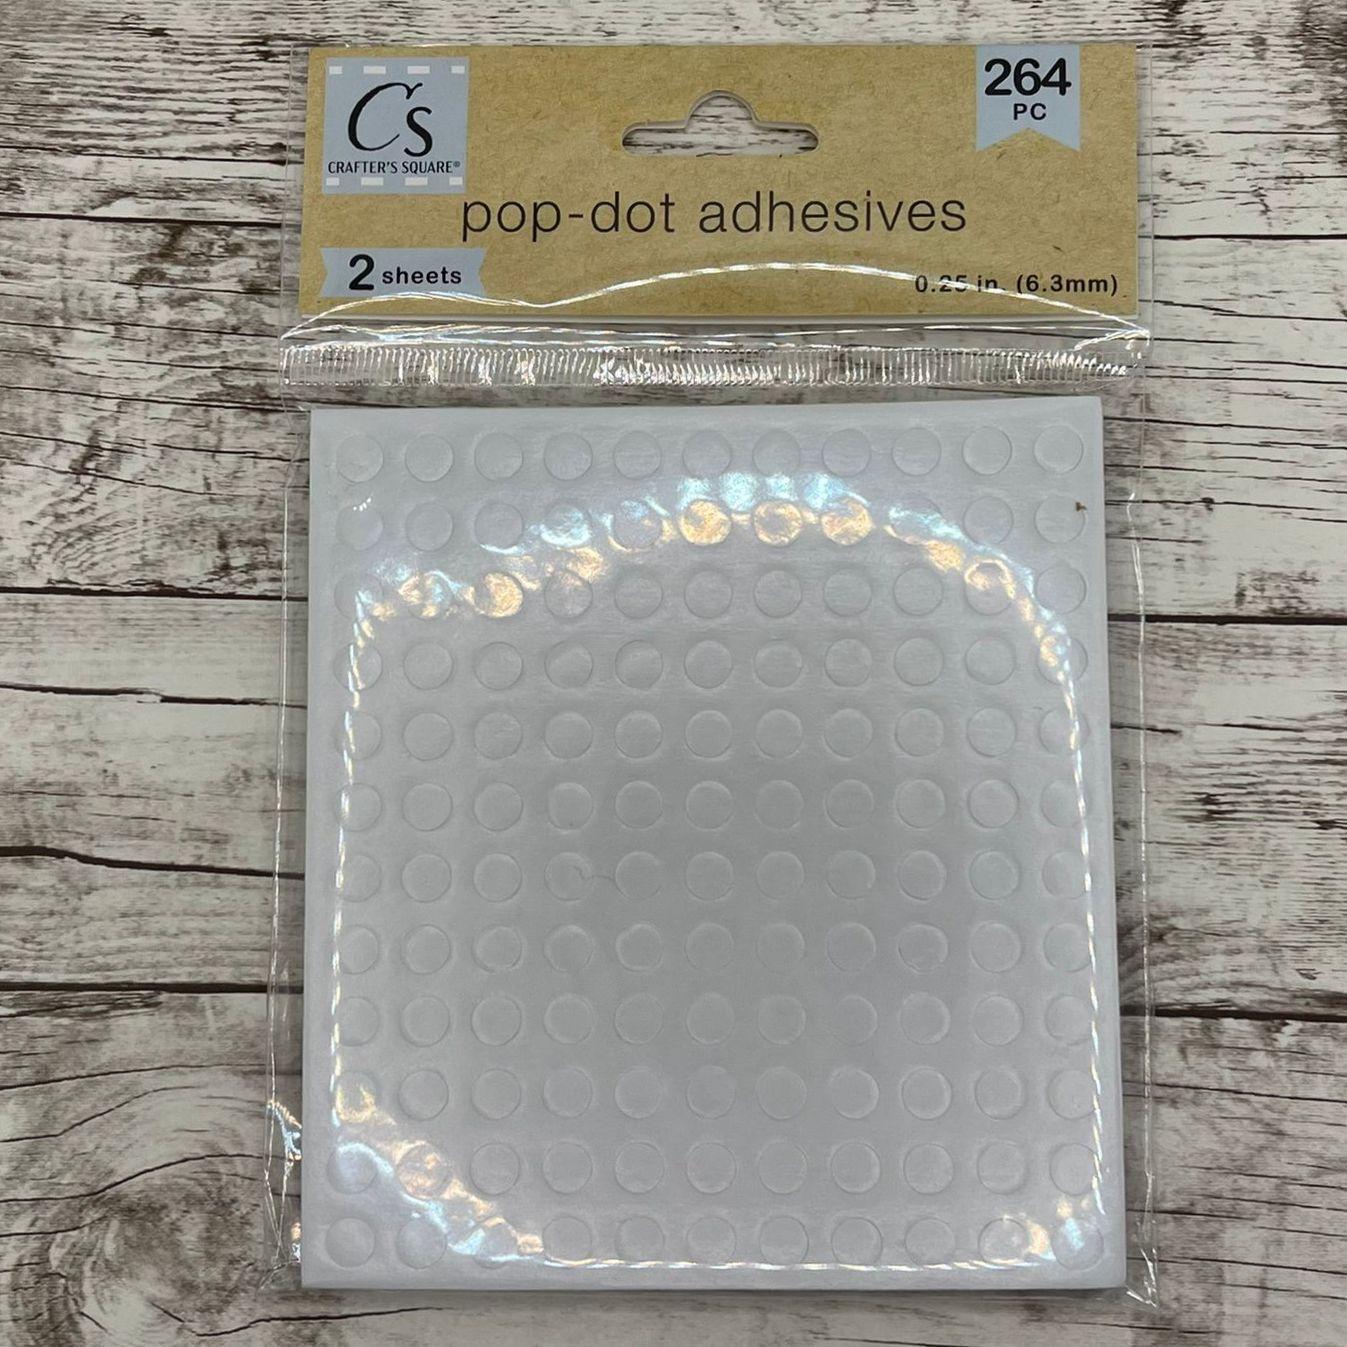 Adesivo Dots Redondos - Crafter's Square 264 Pcs